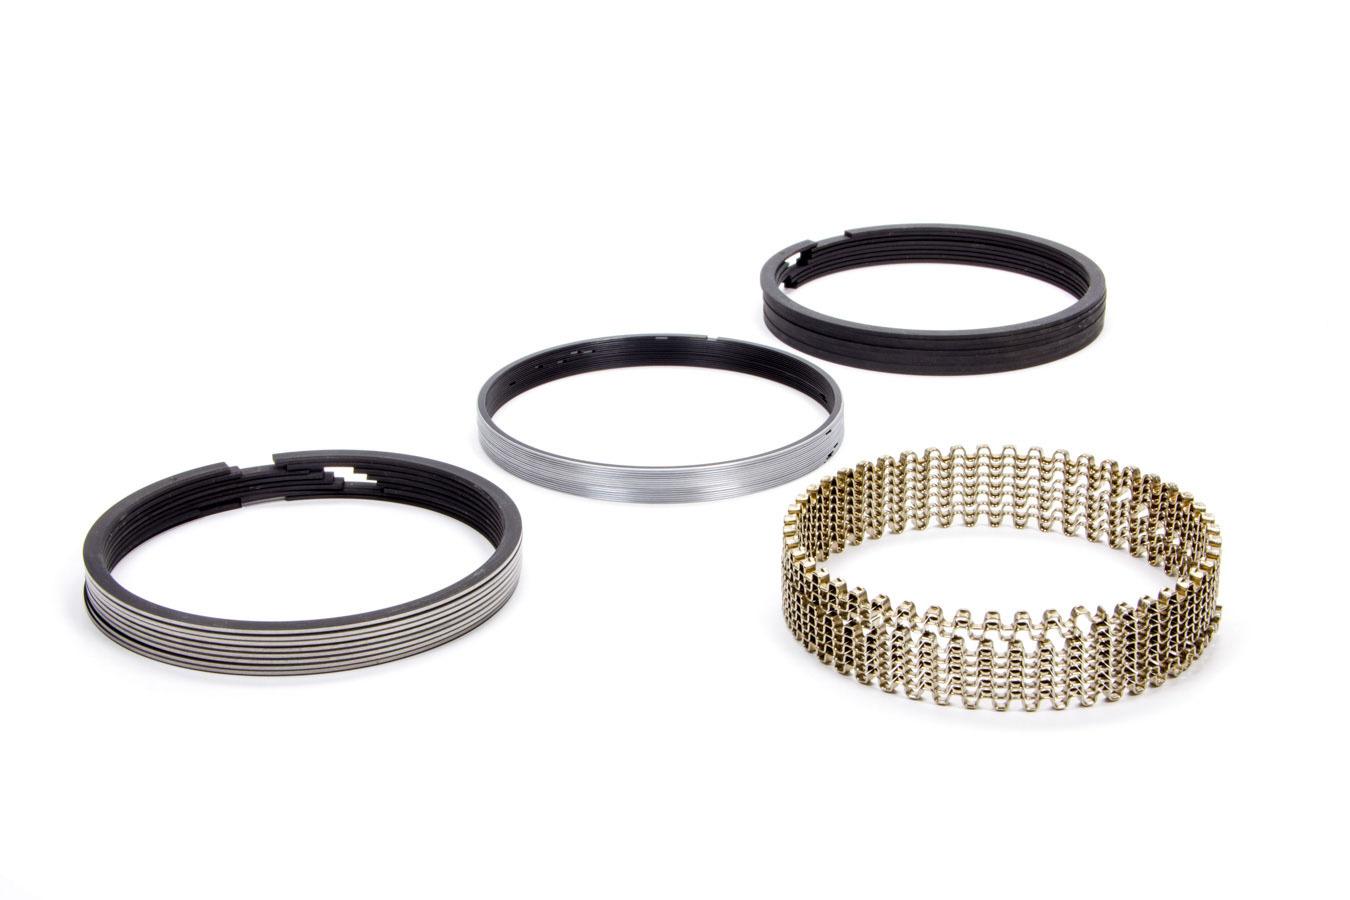 Piston Ring Set 4.155 1/16 1/16 3/16